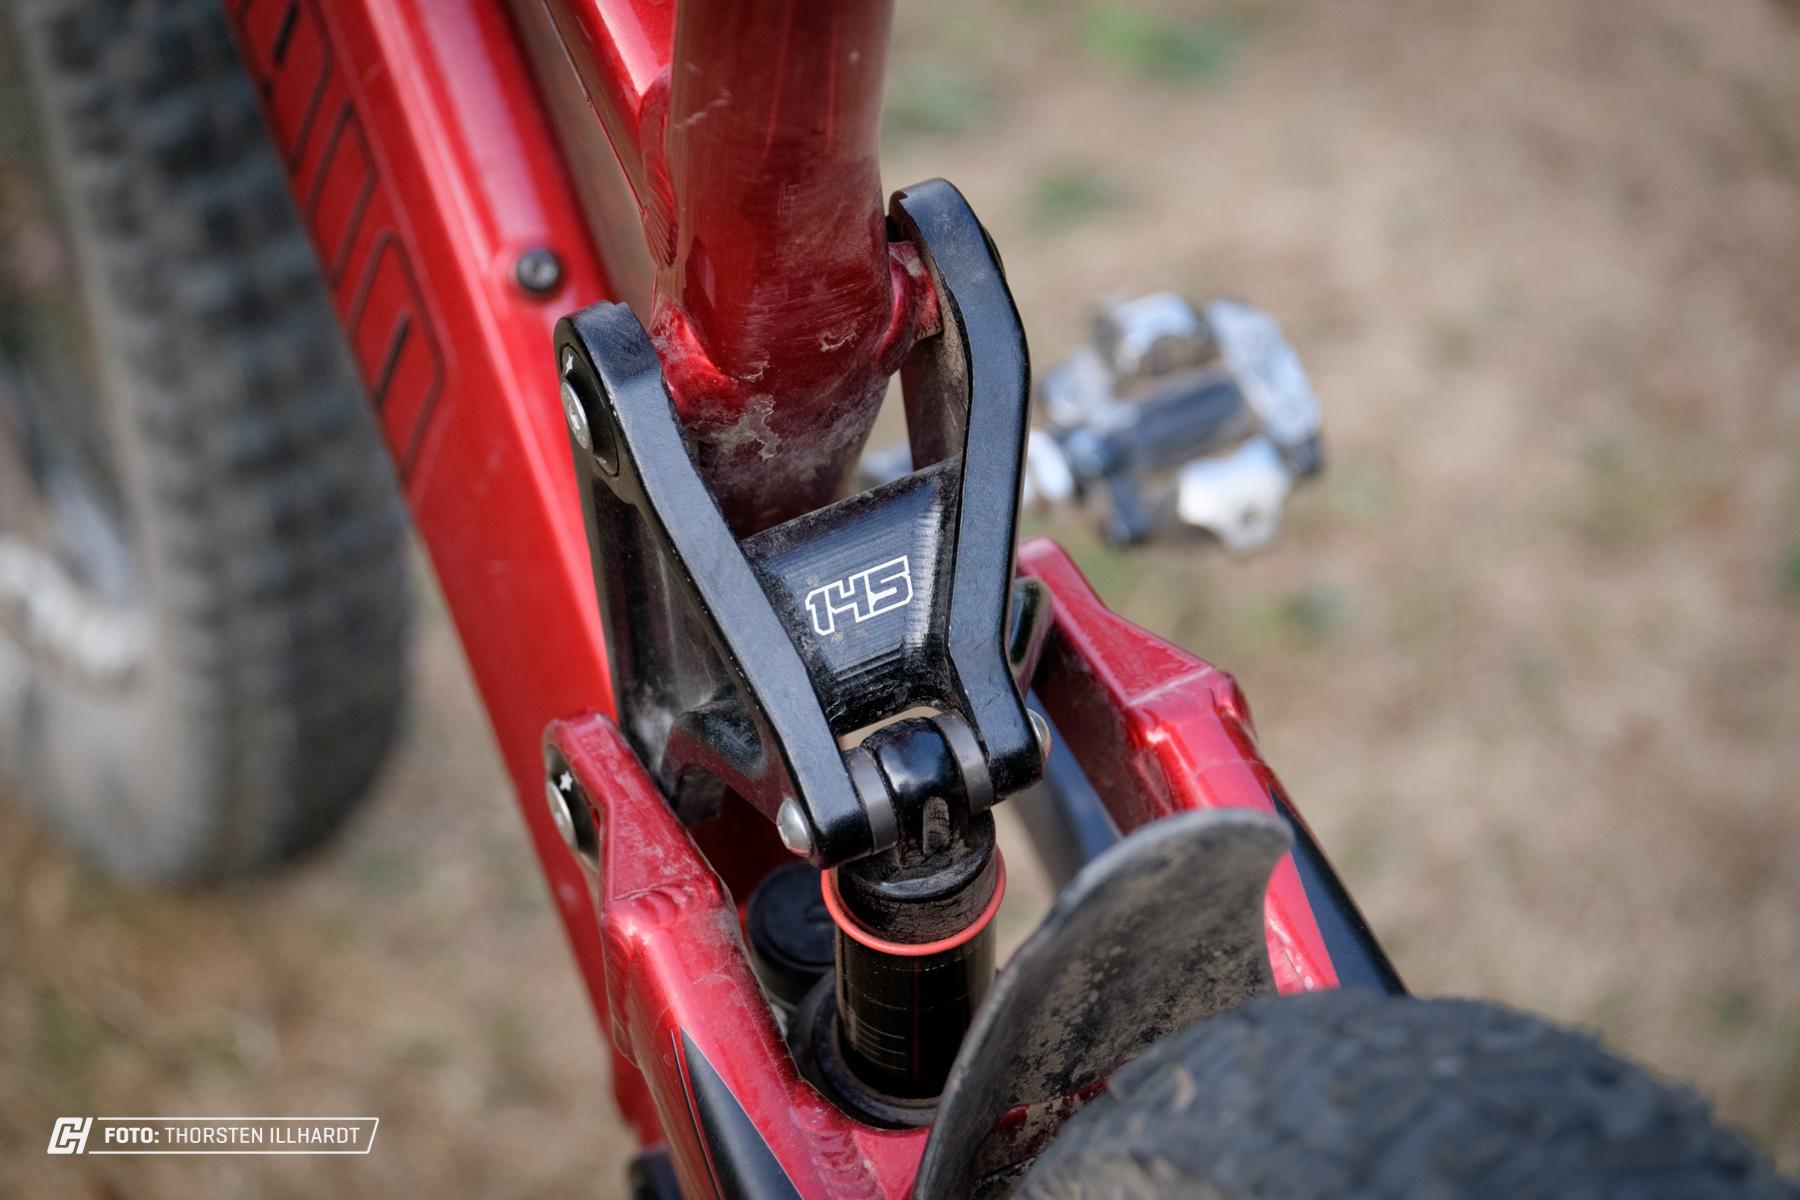 145 mm Federweg reichen dem Bike locker aus